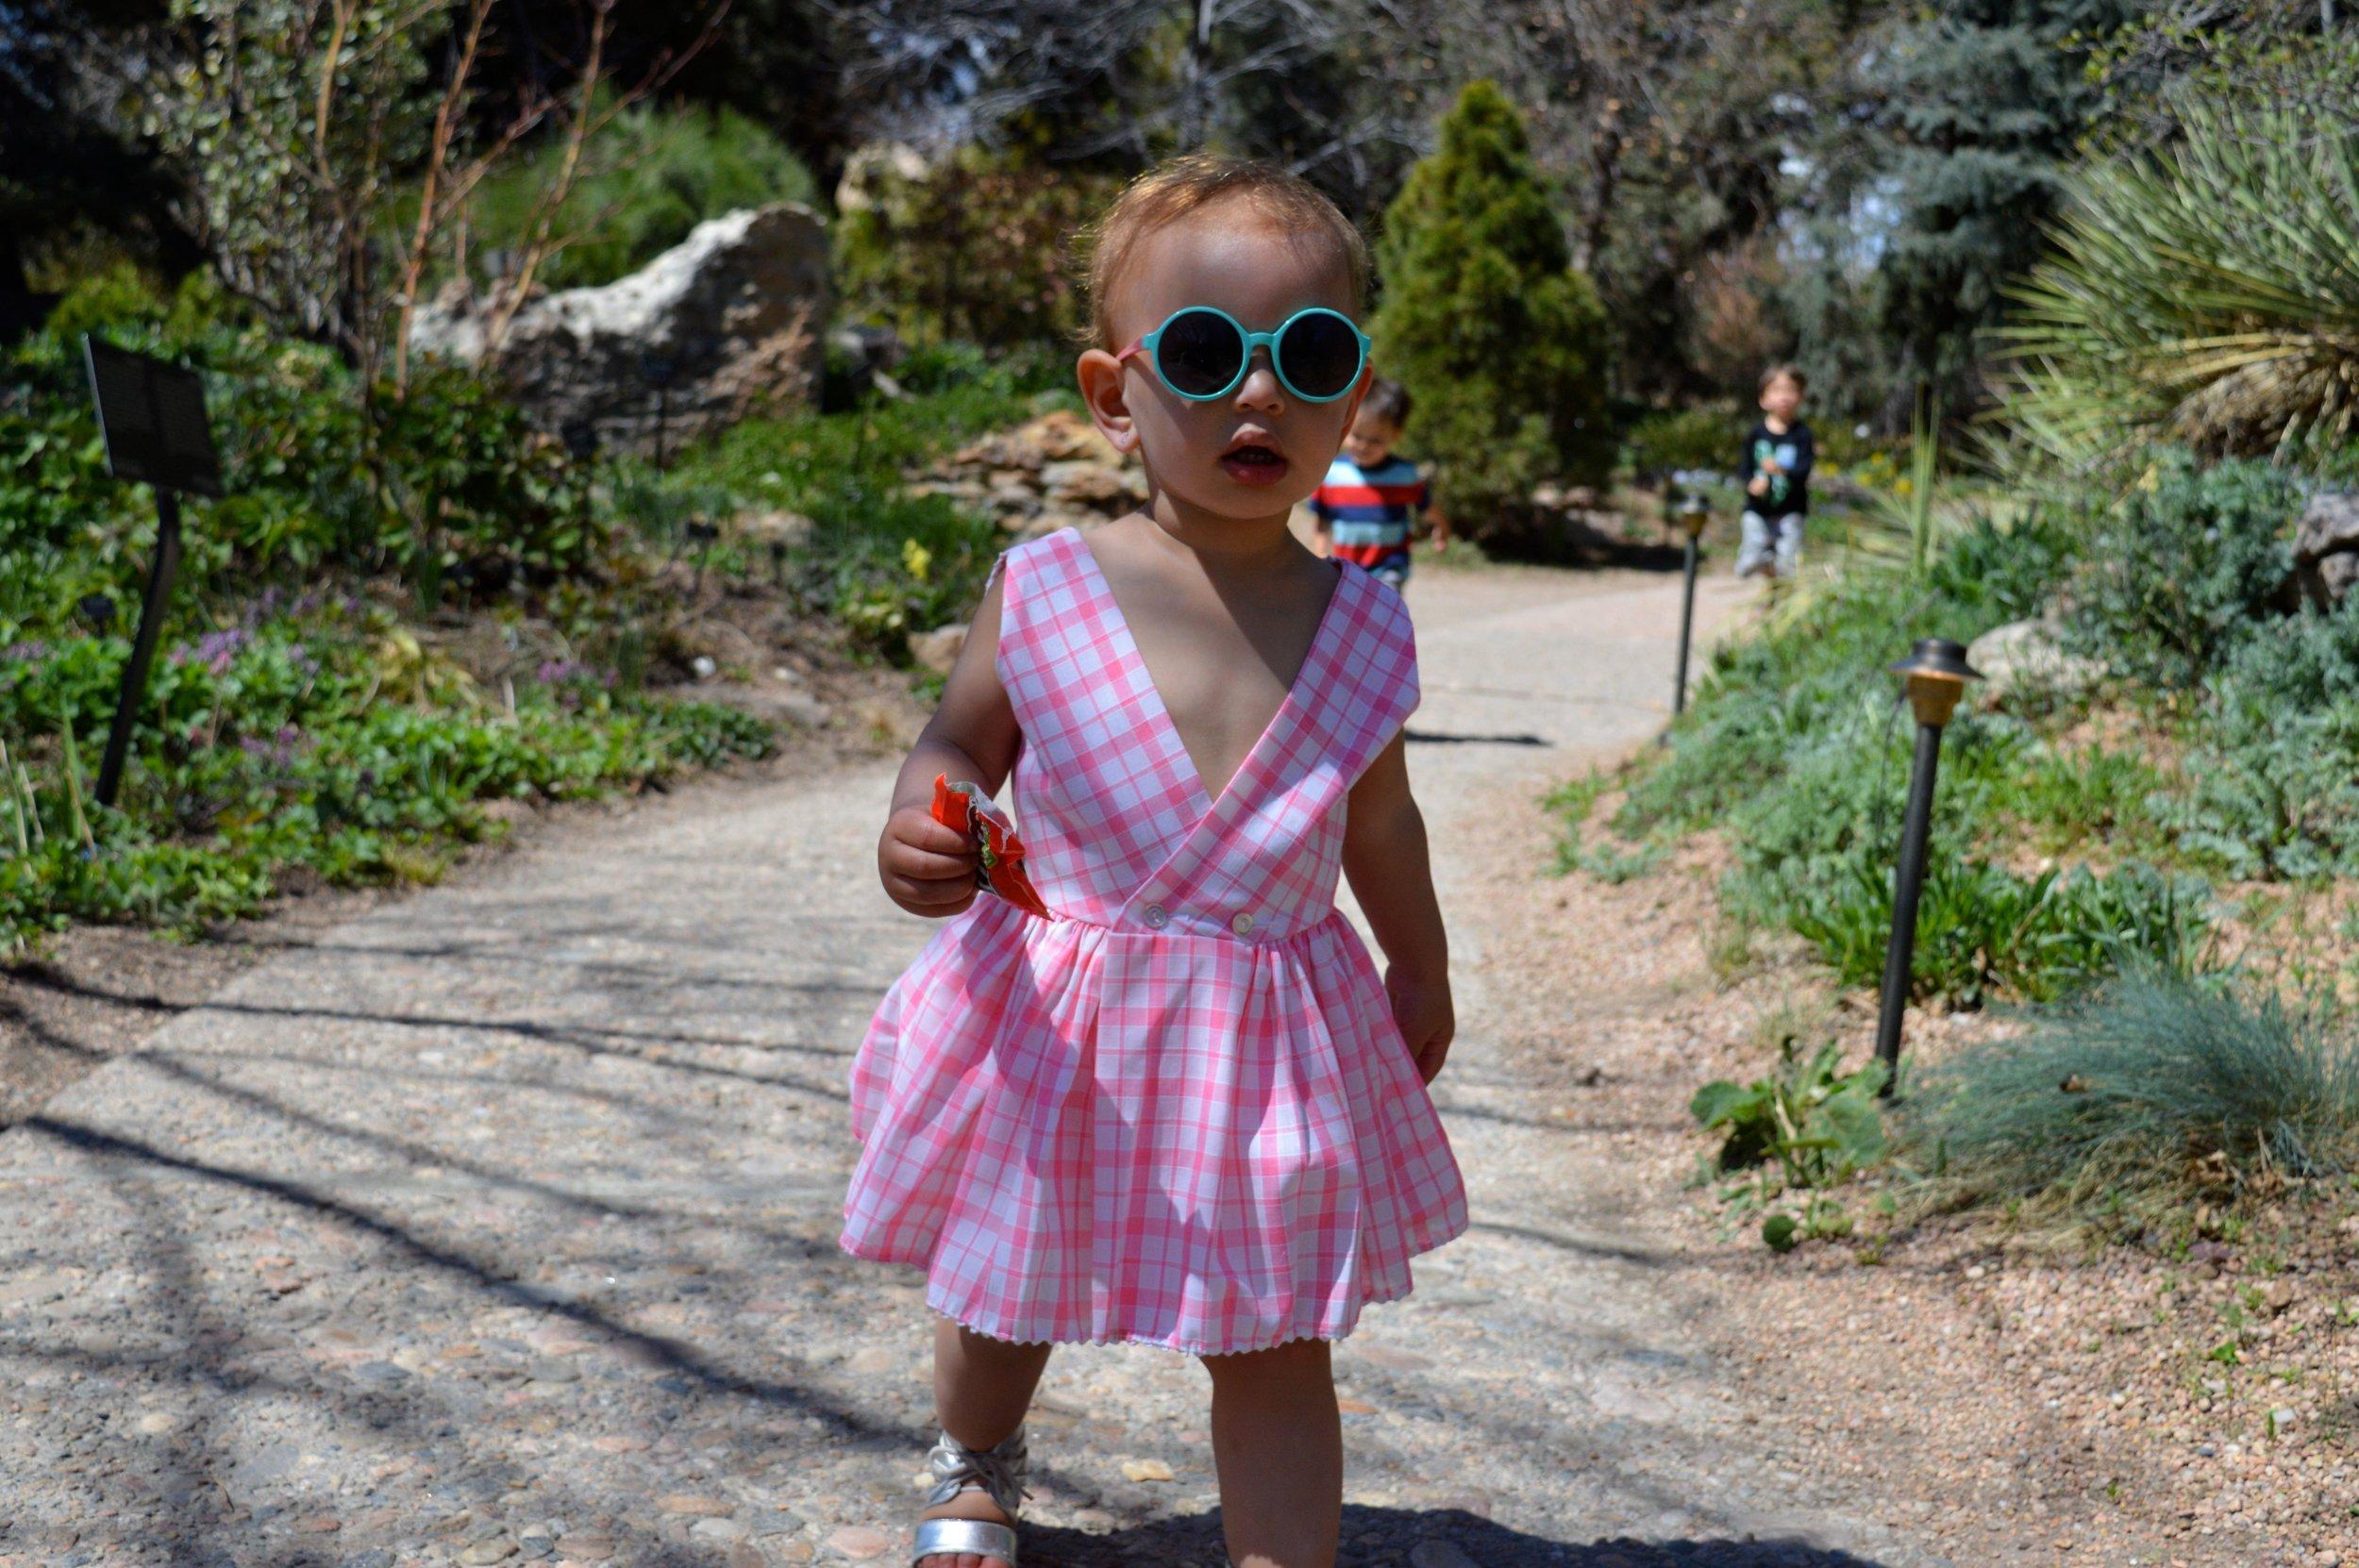 denver-botanic-gardens-April-13-20-2.jpg